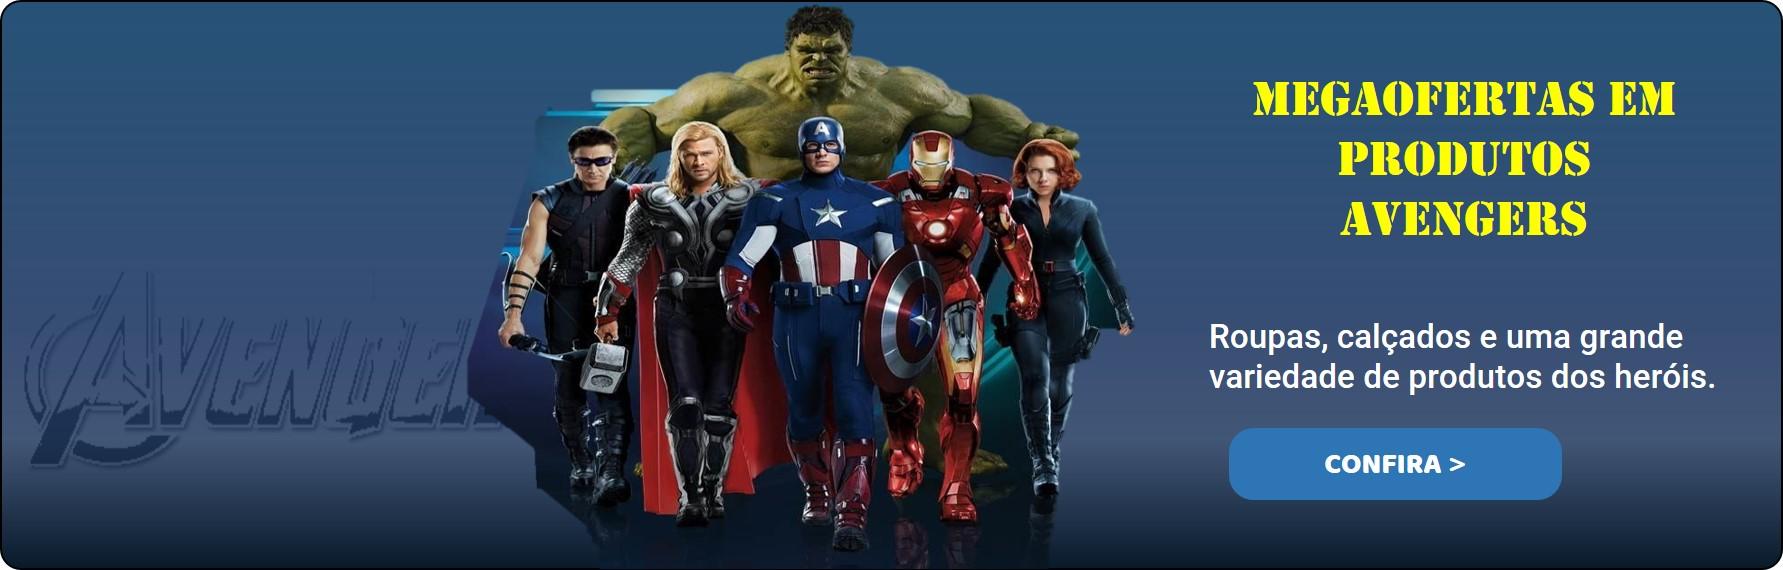 Banner Avengers 2019